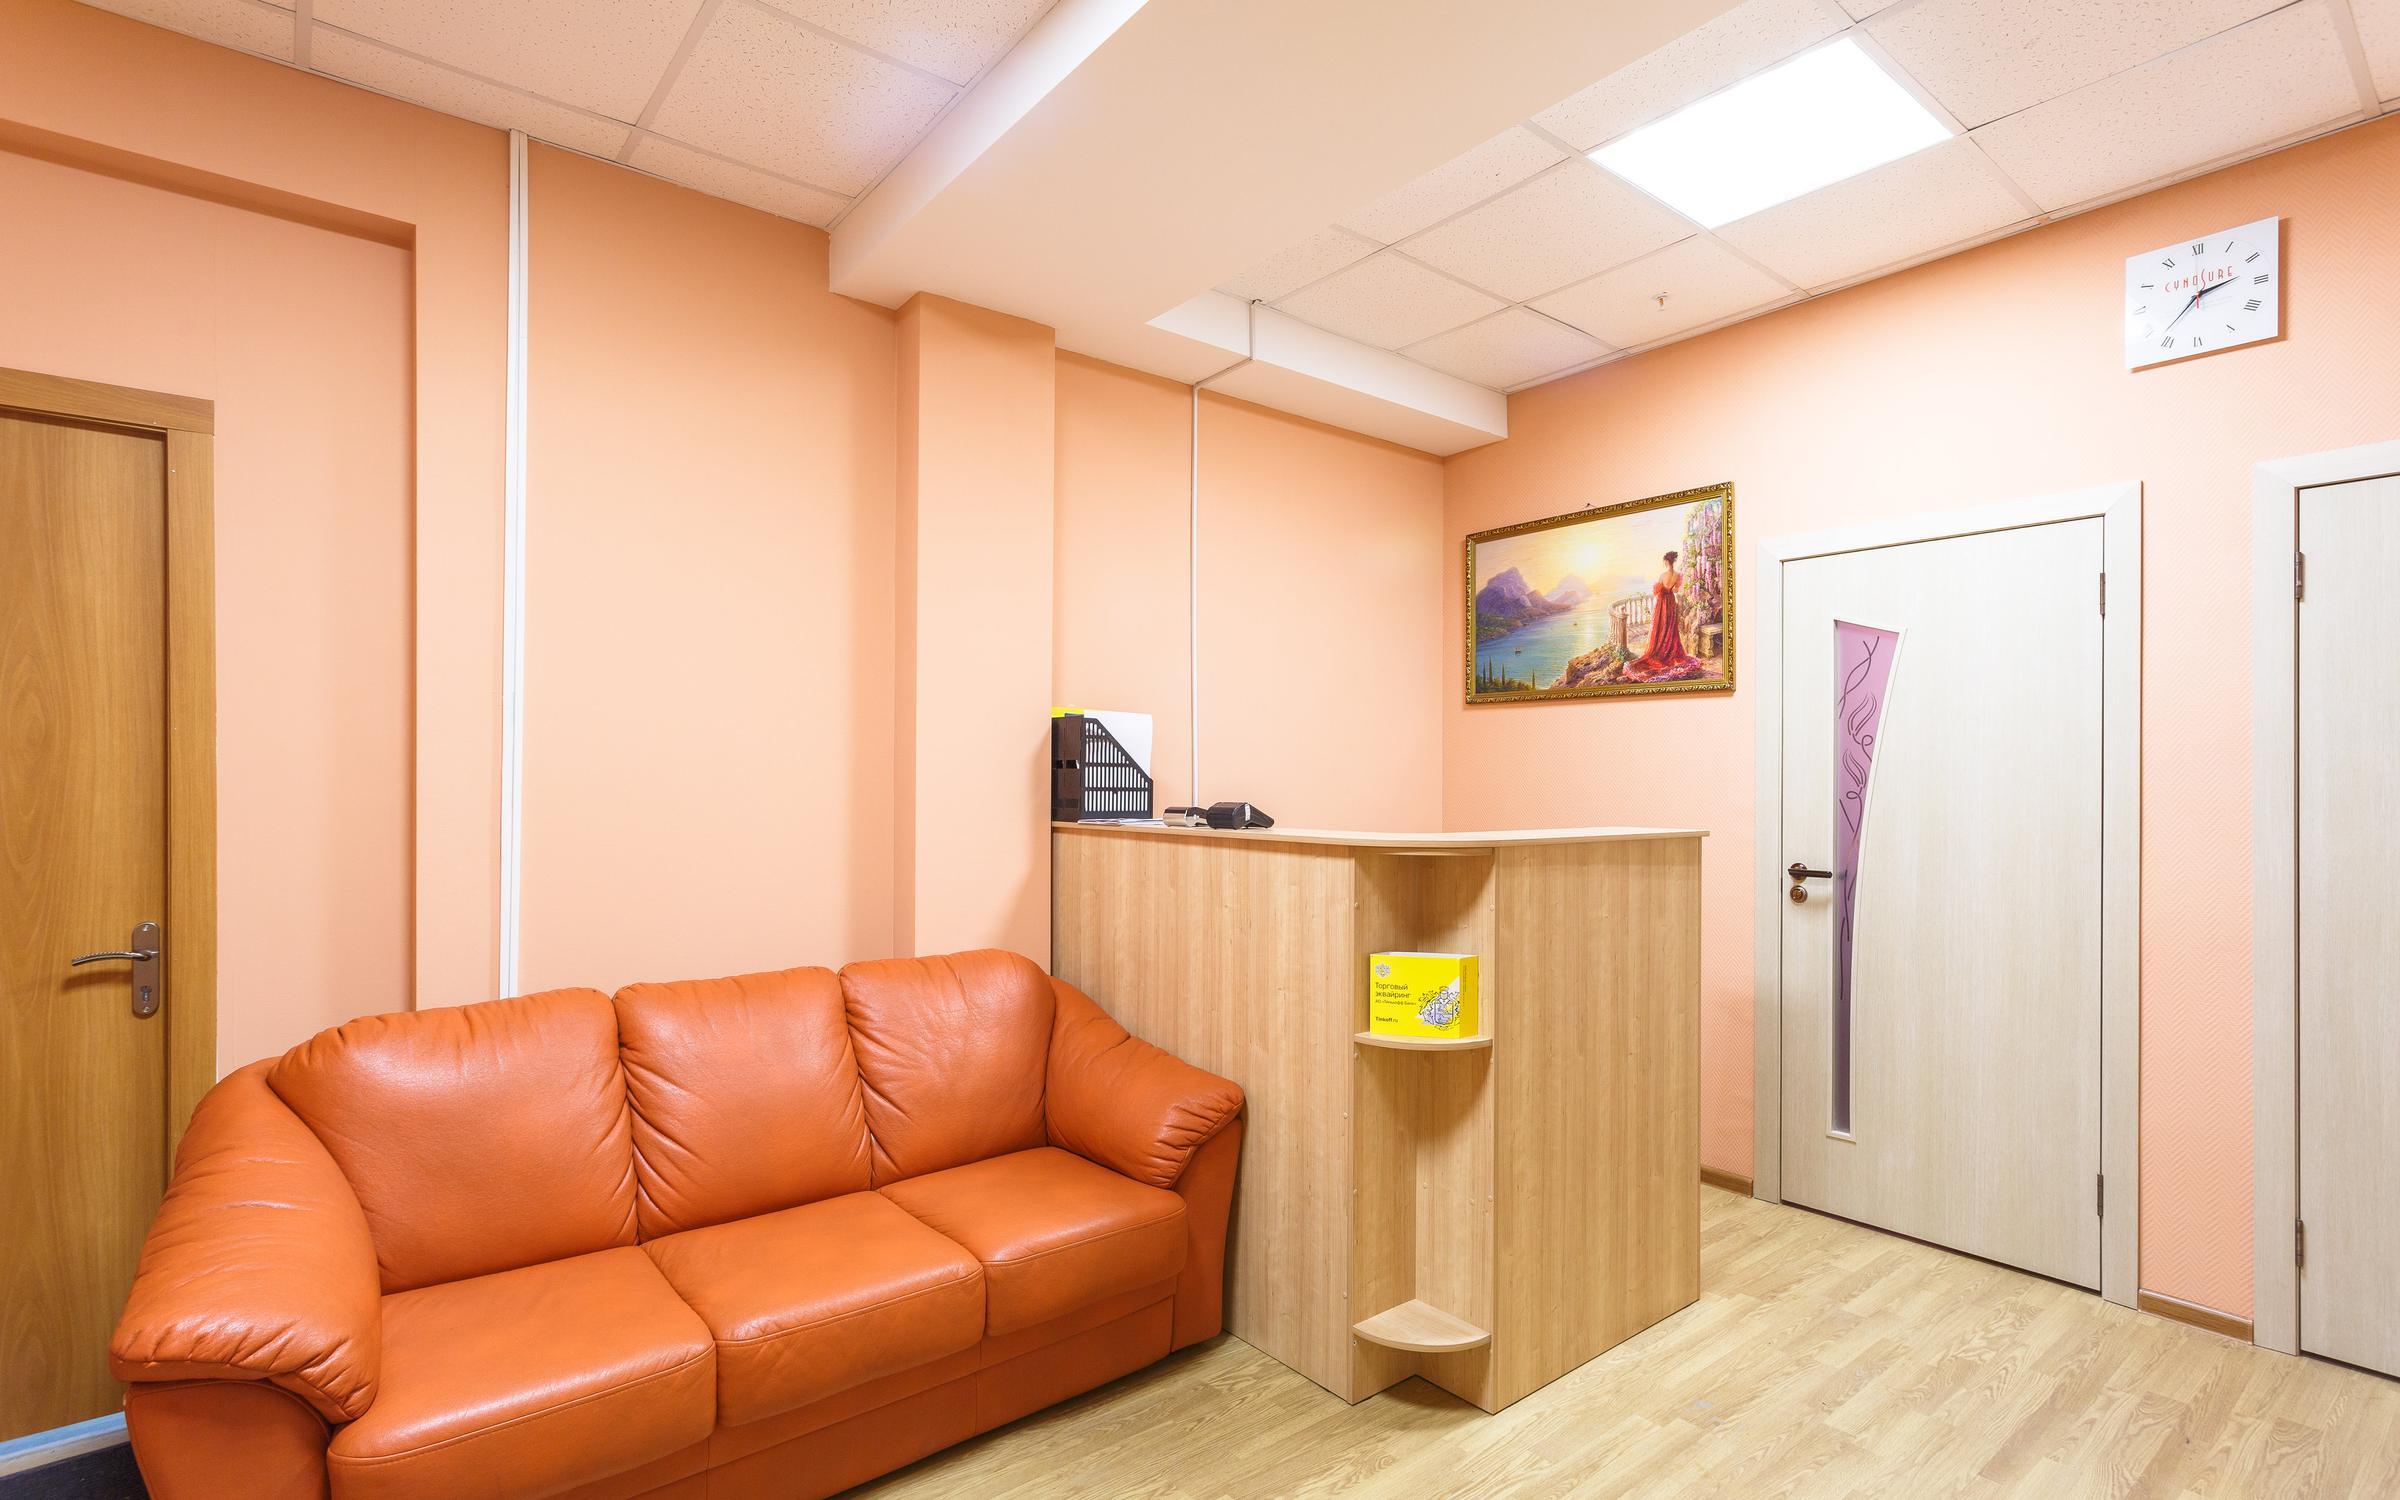 фотография Центр лазерной эпиляции и аппаратной косметологии в БЦ Паравитта